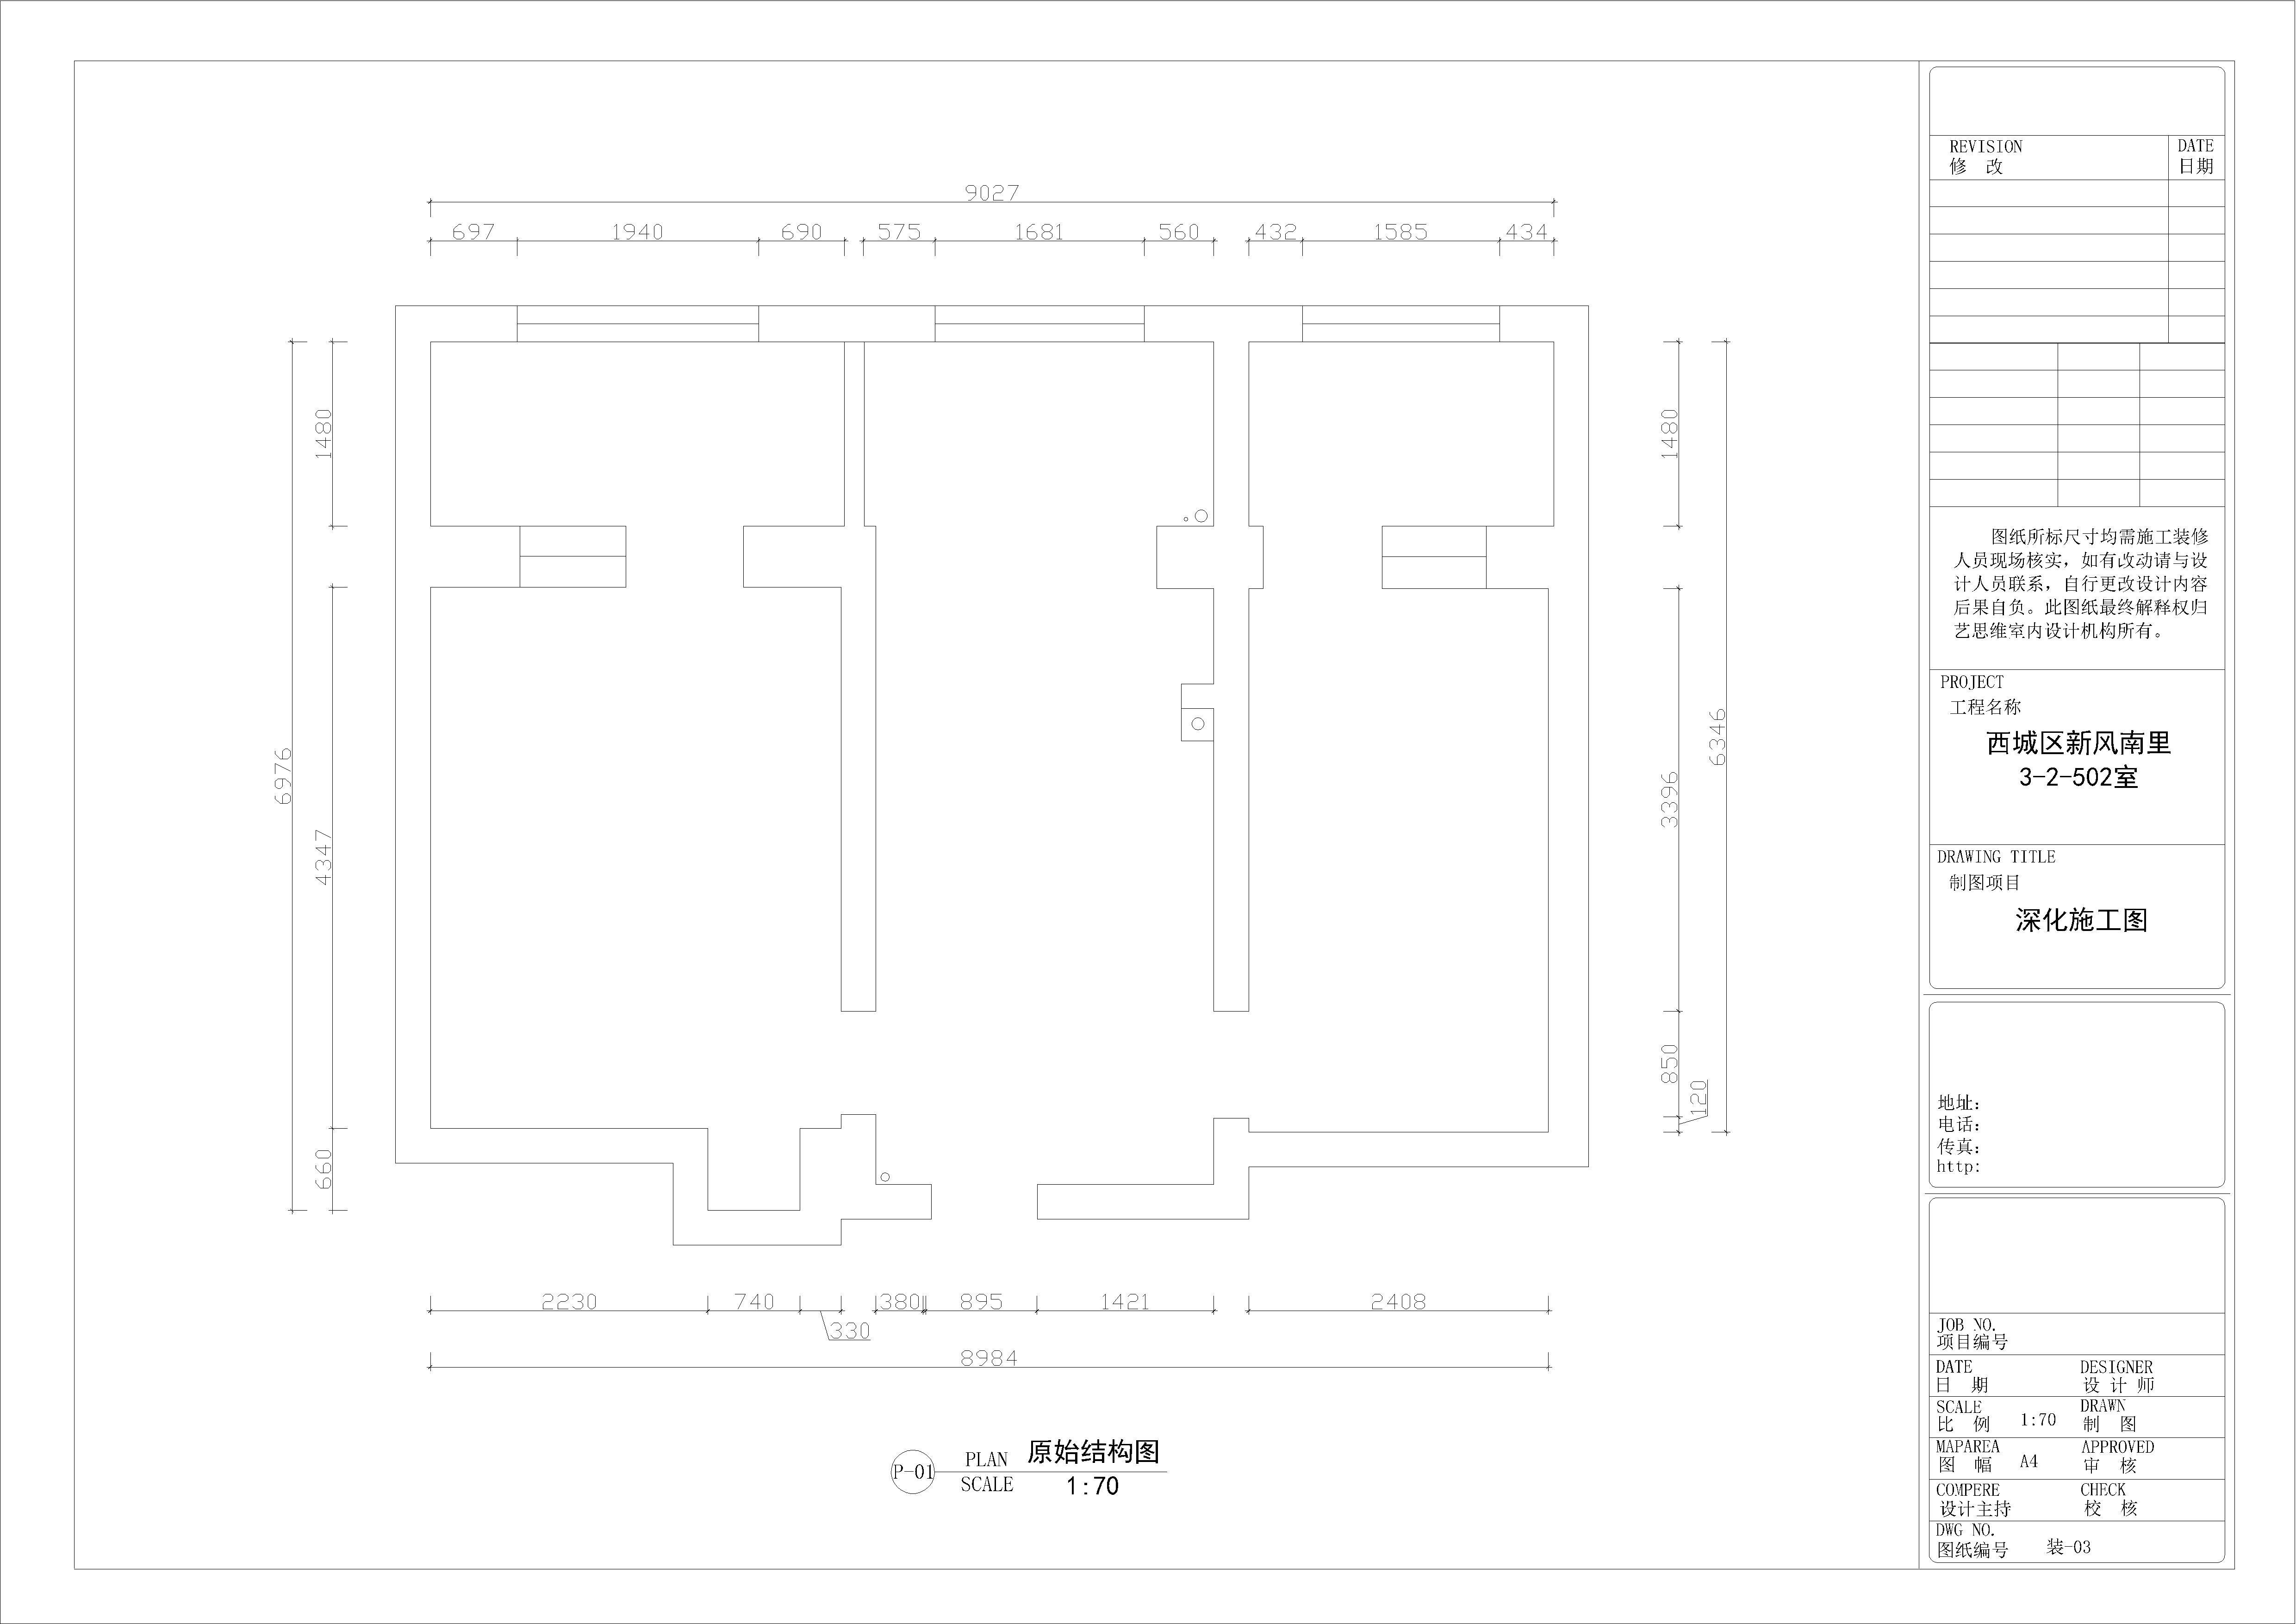 63平二居室混搭装修原始结构图